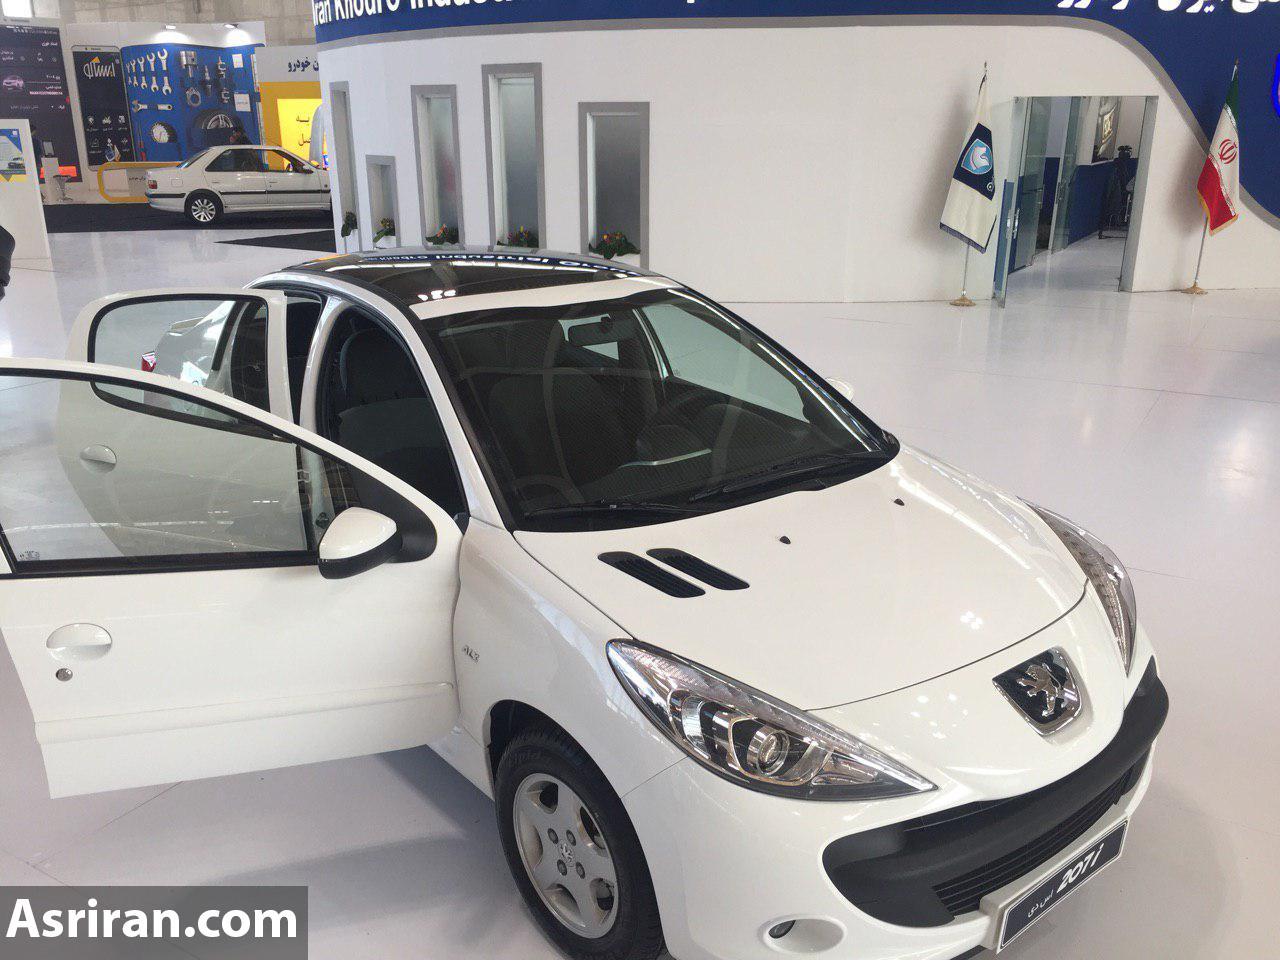 ایران خودرو 207  صندوقدار و هاچ بک با سقف شیشه را به نمایش گذاشت (+عکس)